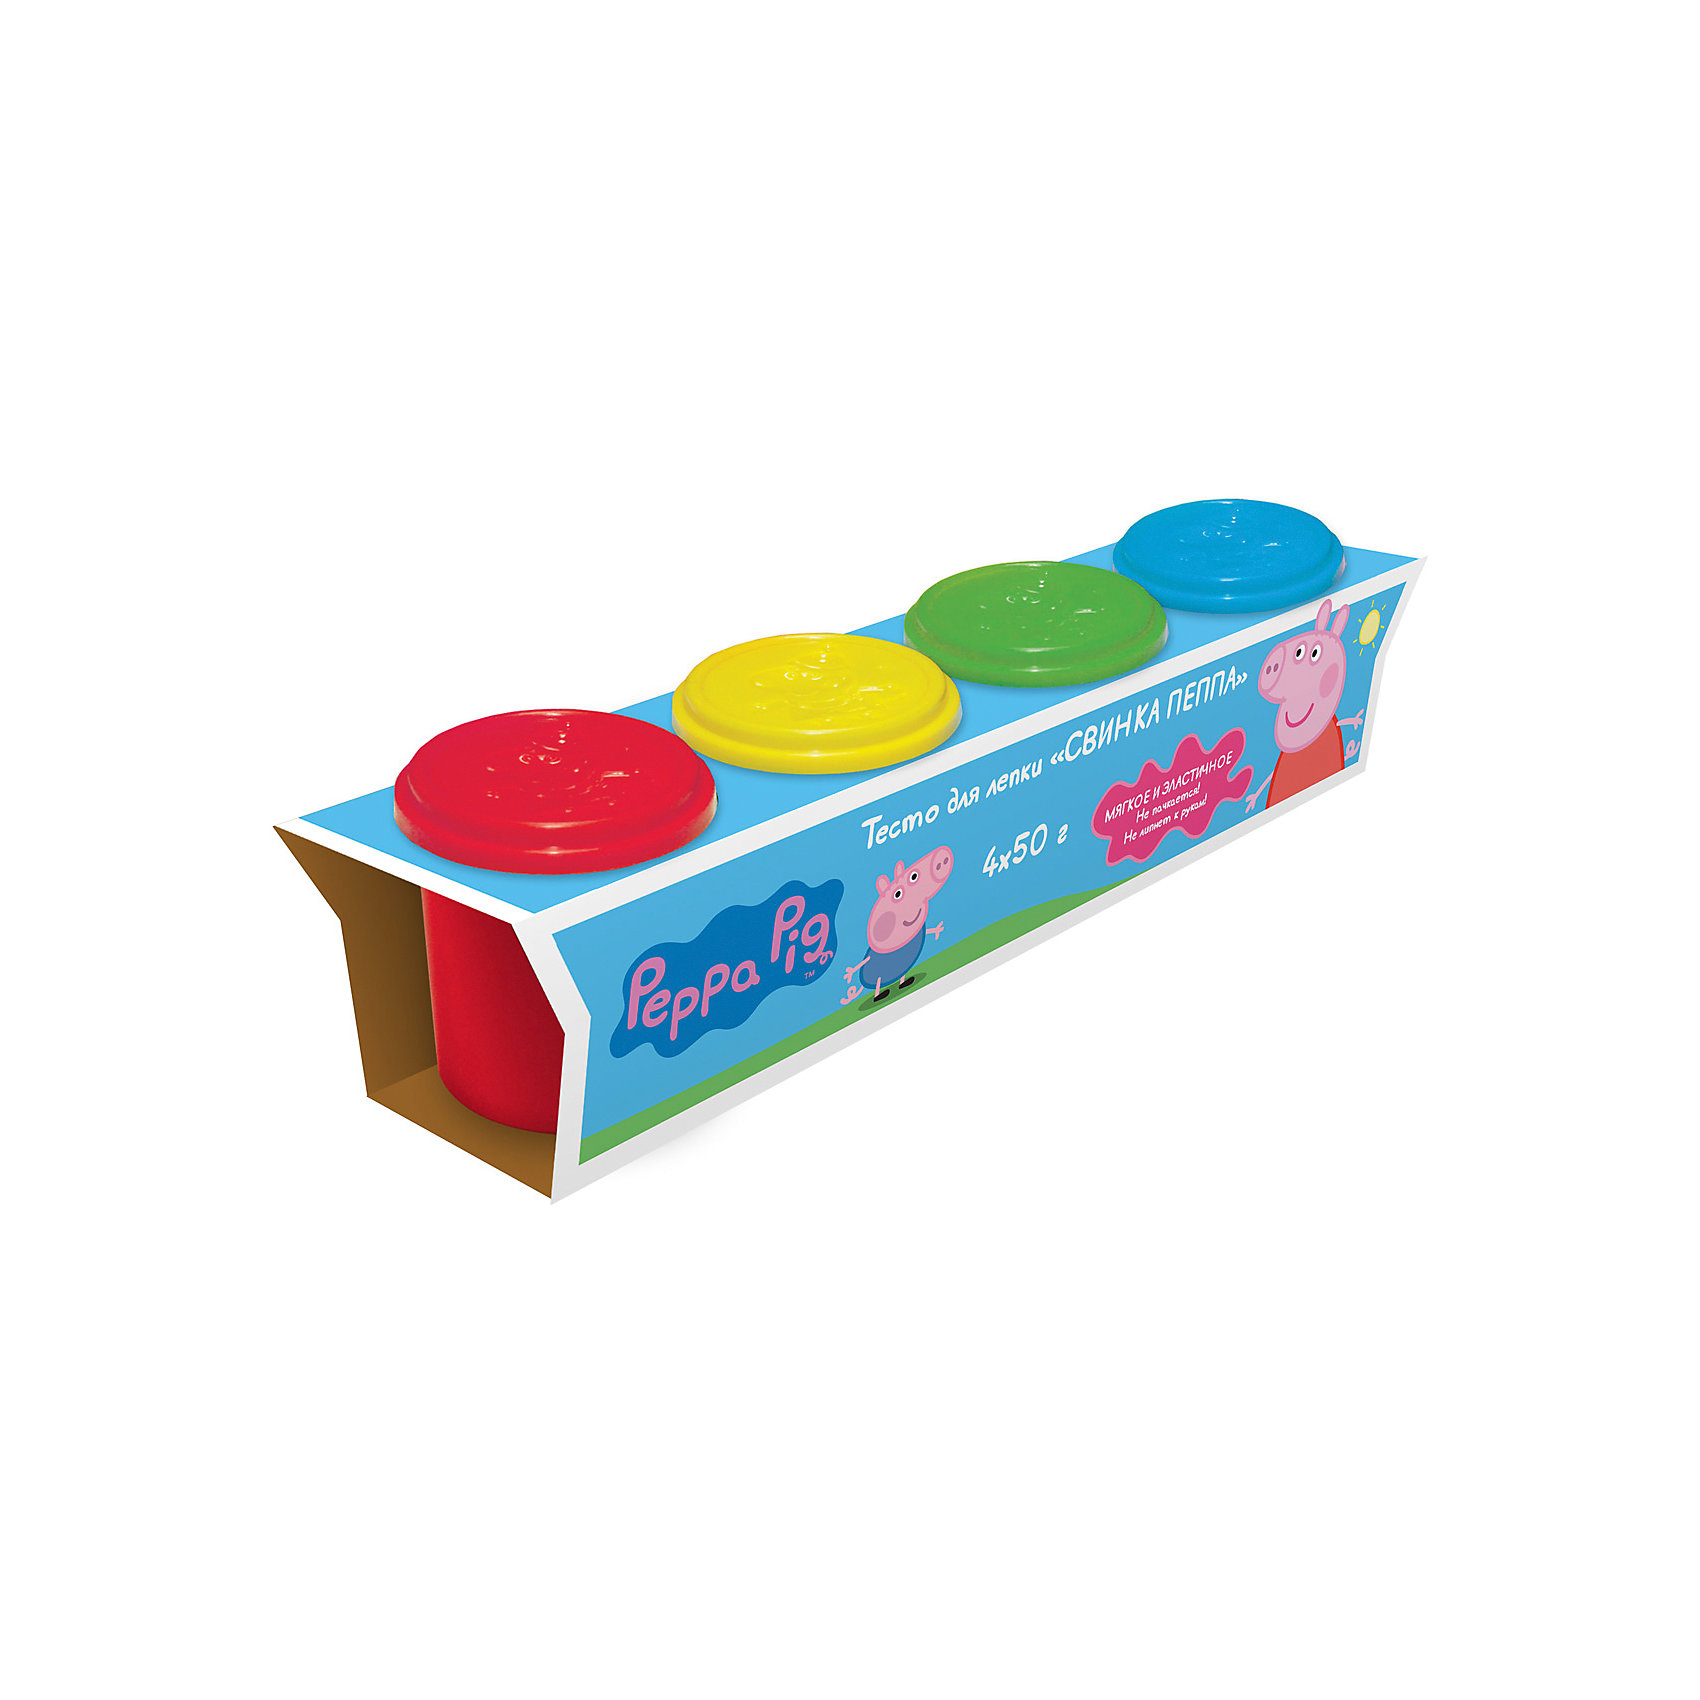 Тесто для лепки Свинка Пеппа (4 банки по 50 г)Тесто для лепки<br>Лепить из волшебного цветного теста «Свинка Пеппа» – одно удовольствие. Оно мягкое, пластичное, не липнет к рукам и не пачкается. Лепите по инструкции фигурку Свинки Пеппы, придумывайте и создавайте свои собственные поделки, фантазируйте, экспериментируйте, смешивайте цвета, развивайте у малышей воображение и мелкую моторику. А полезные советы, размещенные на коробочке, вам помогут в этом.&#13;<br>В наборе 4 ярких цвета теста для лепки в баночках по 50 г. Тесто не пригодно для еды! Крышки баночек выполнены из высококачественного пластика в виде формочек с изображением героев мультфильма. Товар сертифицирован и безопасен при использовании по назначению. Упаковка – красочная коробка.<br><br>Ширина мм: 220<br>Глубина мм: 53<br>Высота мм: 63<br>Вес г: 321<br>Возраст от месяцев: 36<br>Возраст до месяцев: 84<br>Пол: Унисекс<br>Возраст: Детский<br>SKU: 5076598